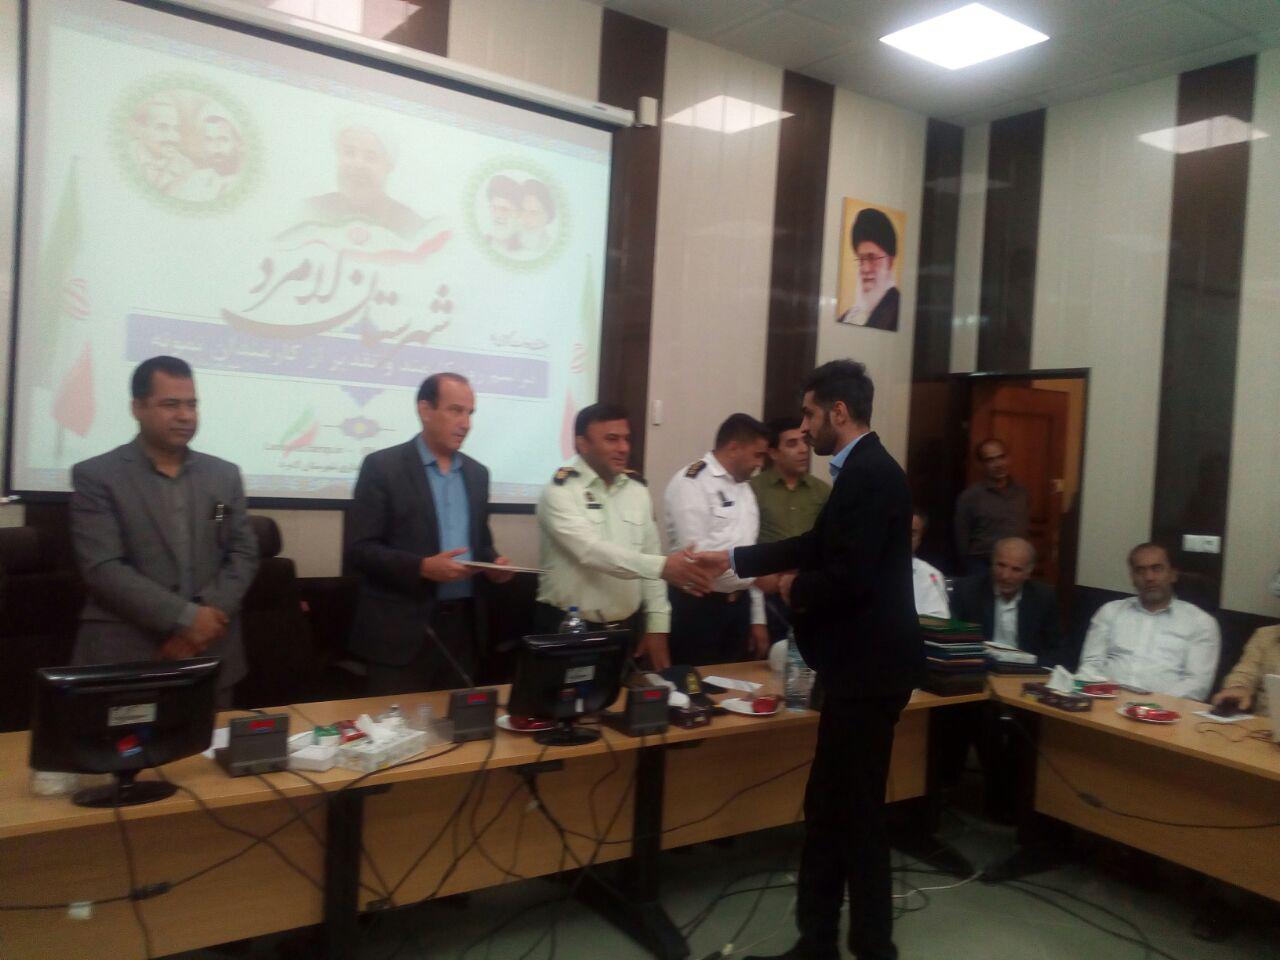 آقای مرتضی ملکی در هفته دولت بعنوان کارمند نمونه مرکزمعرفی گردید.